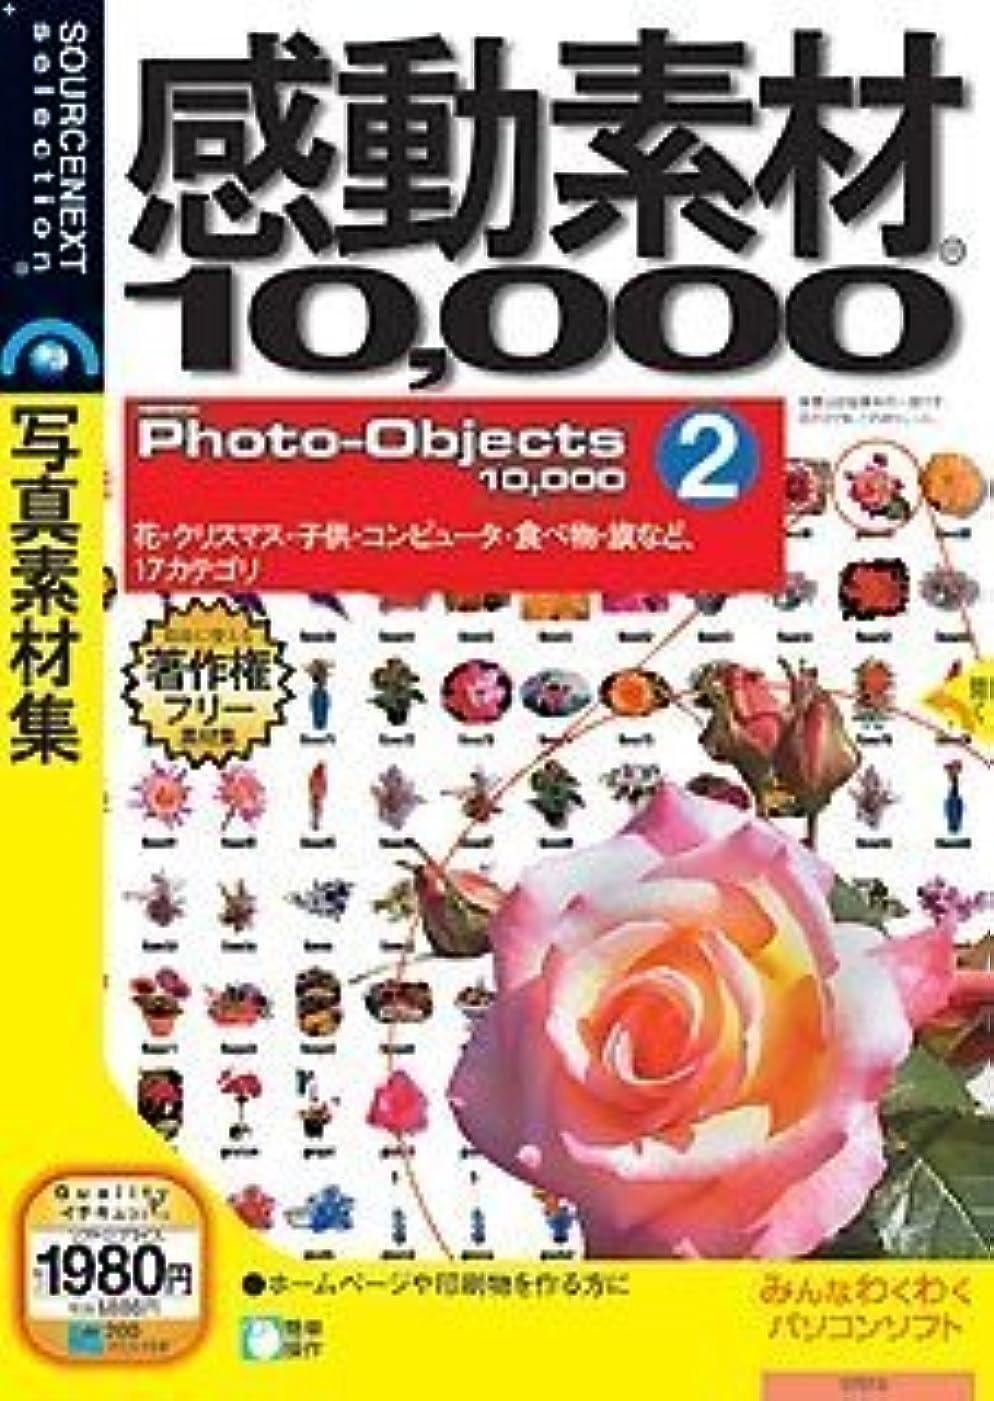 透明に保証征服者感動素材10000 HEMERA Photo-Objects 2 (税込1980円版)(説明扉付きスリムパッケージ版)